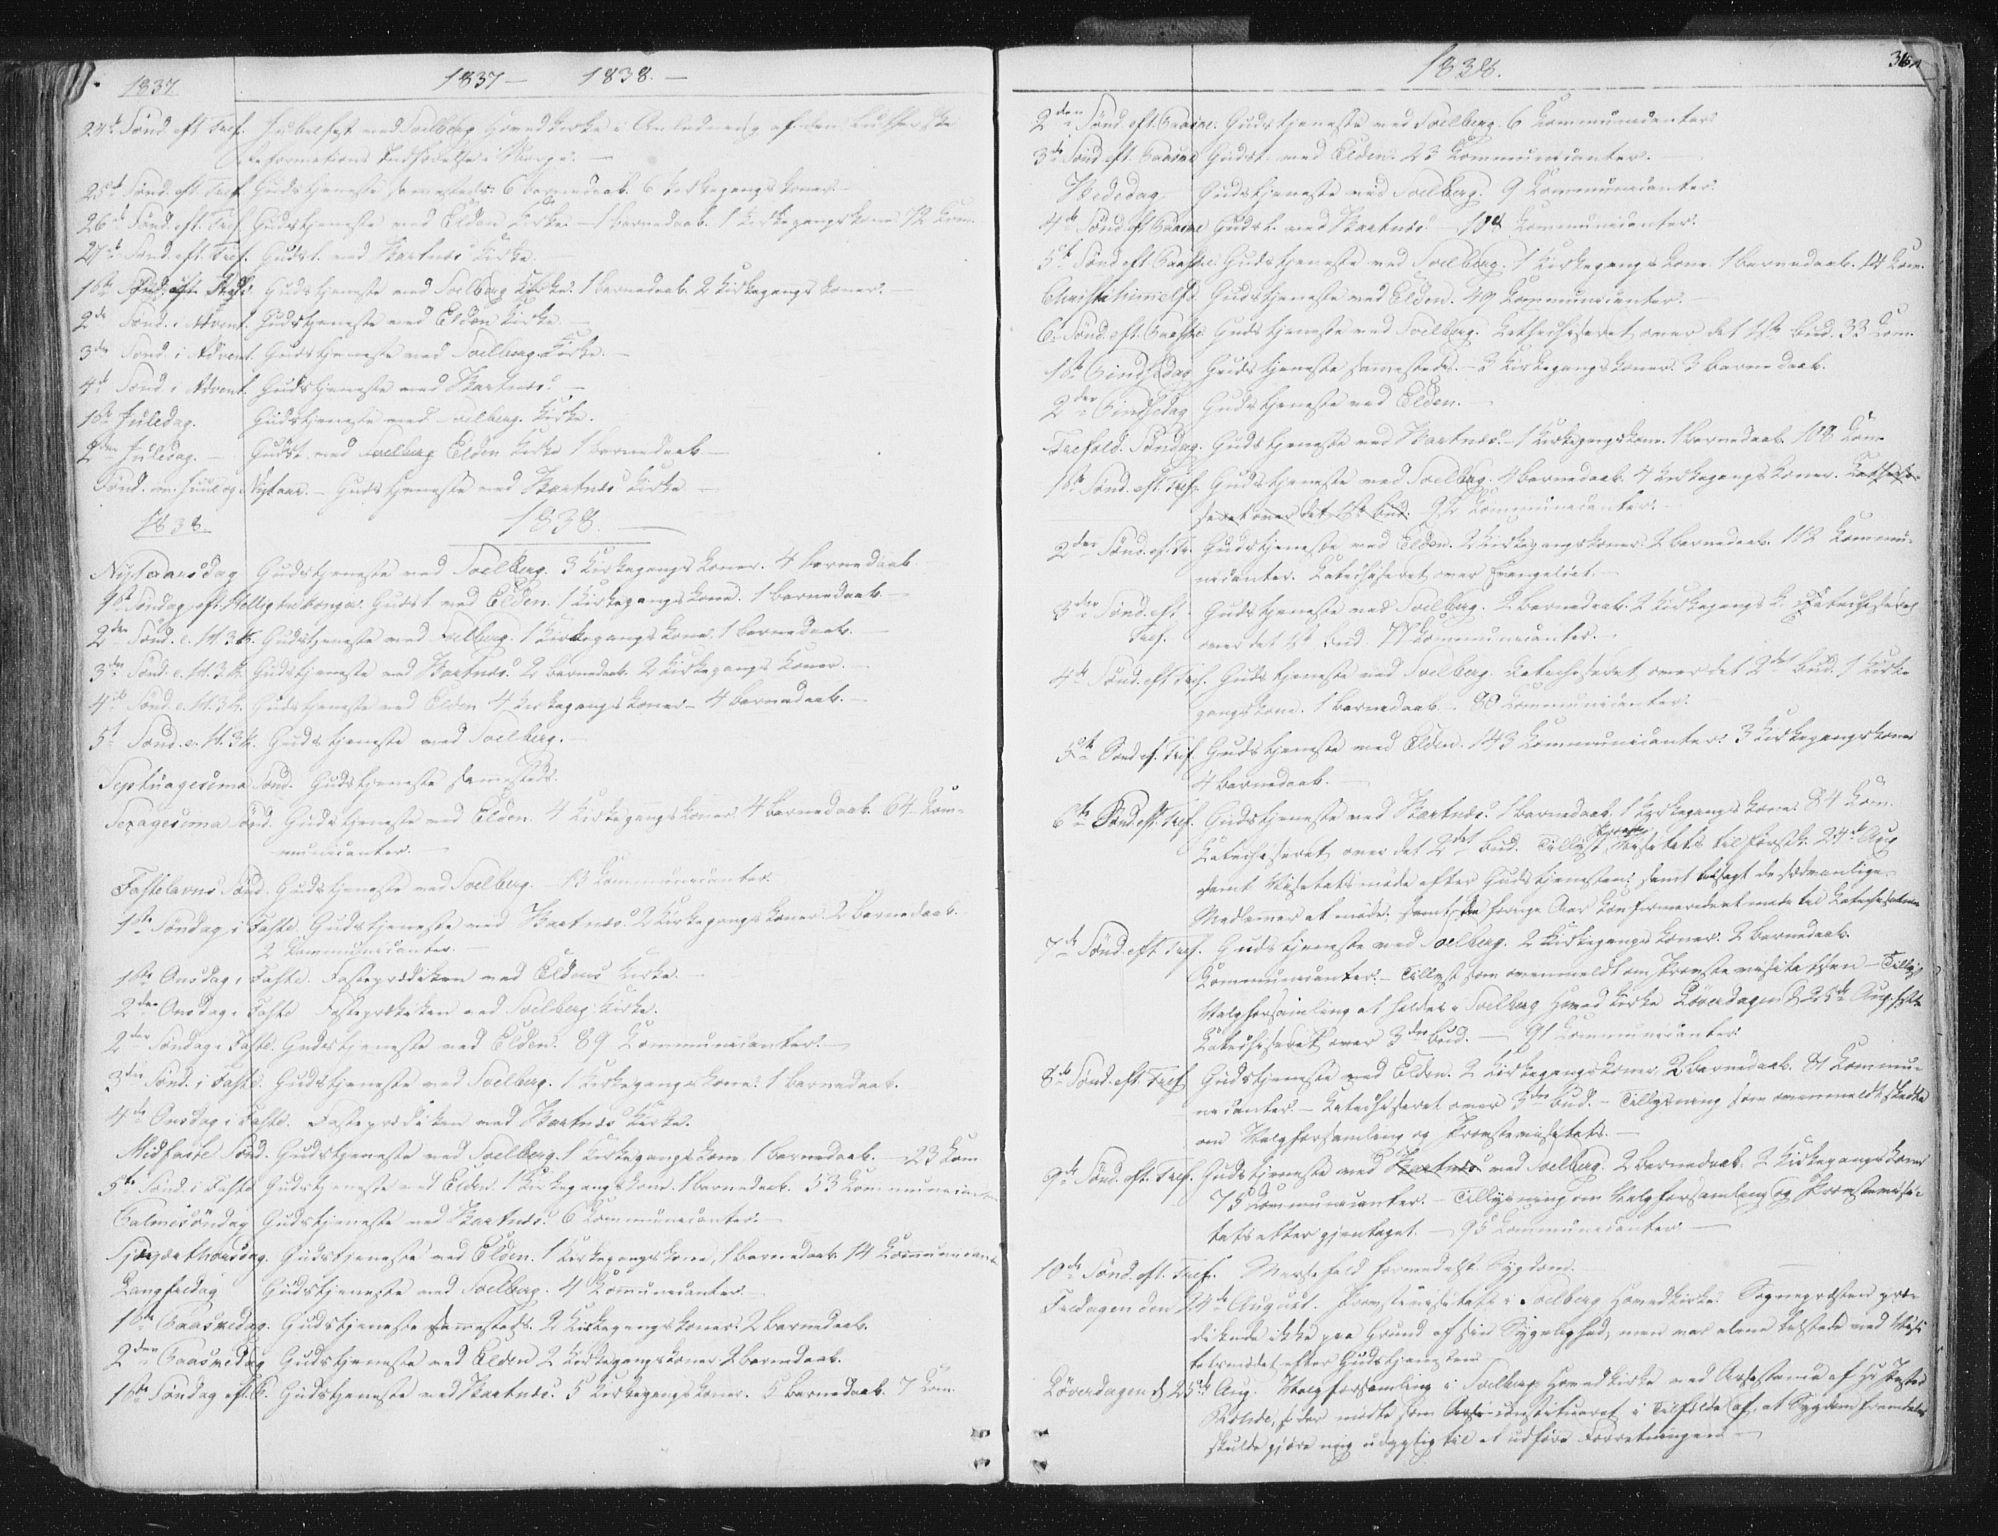 SAT, Ministerialprotokoller, klokkerbøker og fødselsregistre - Nord-Trøndelag, 741/L0392: Ministerialbok nr. 741A06, 1836-1848, s. 362